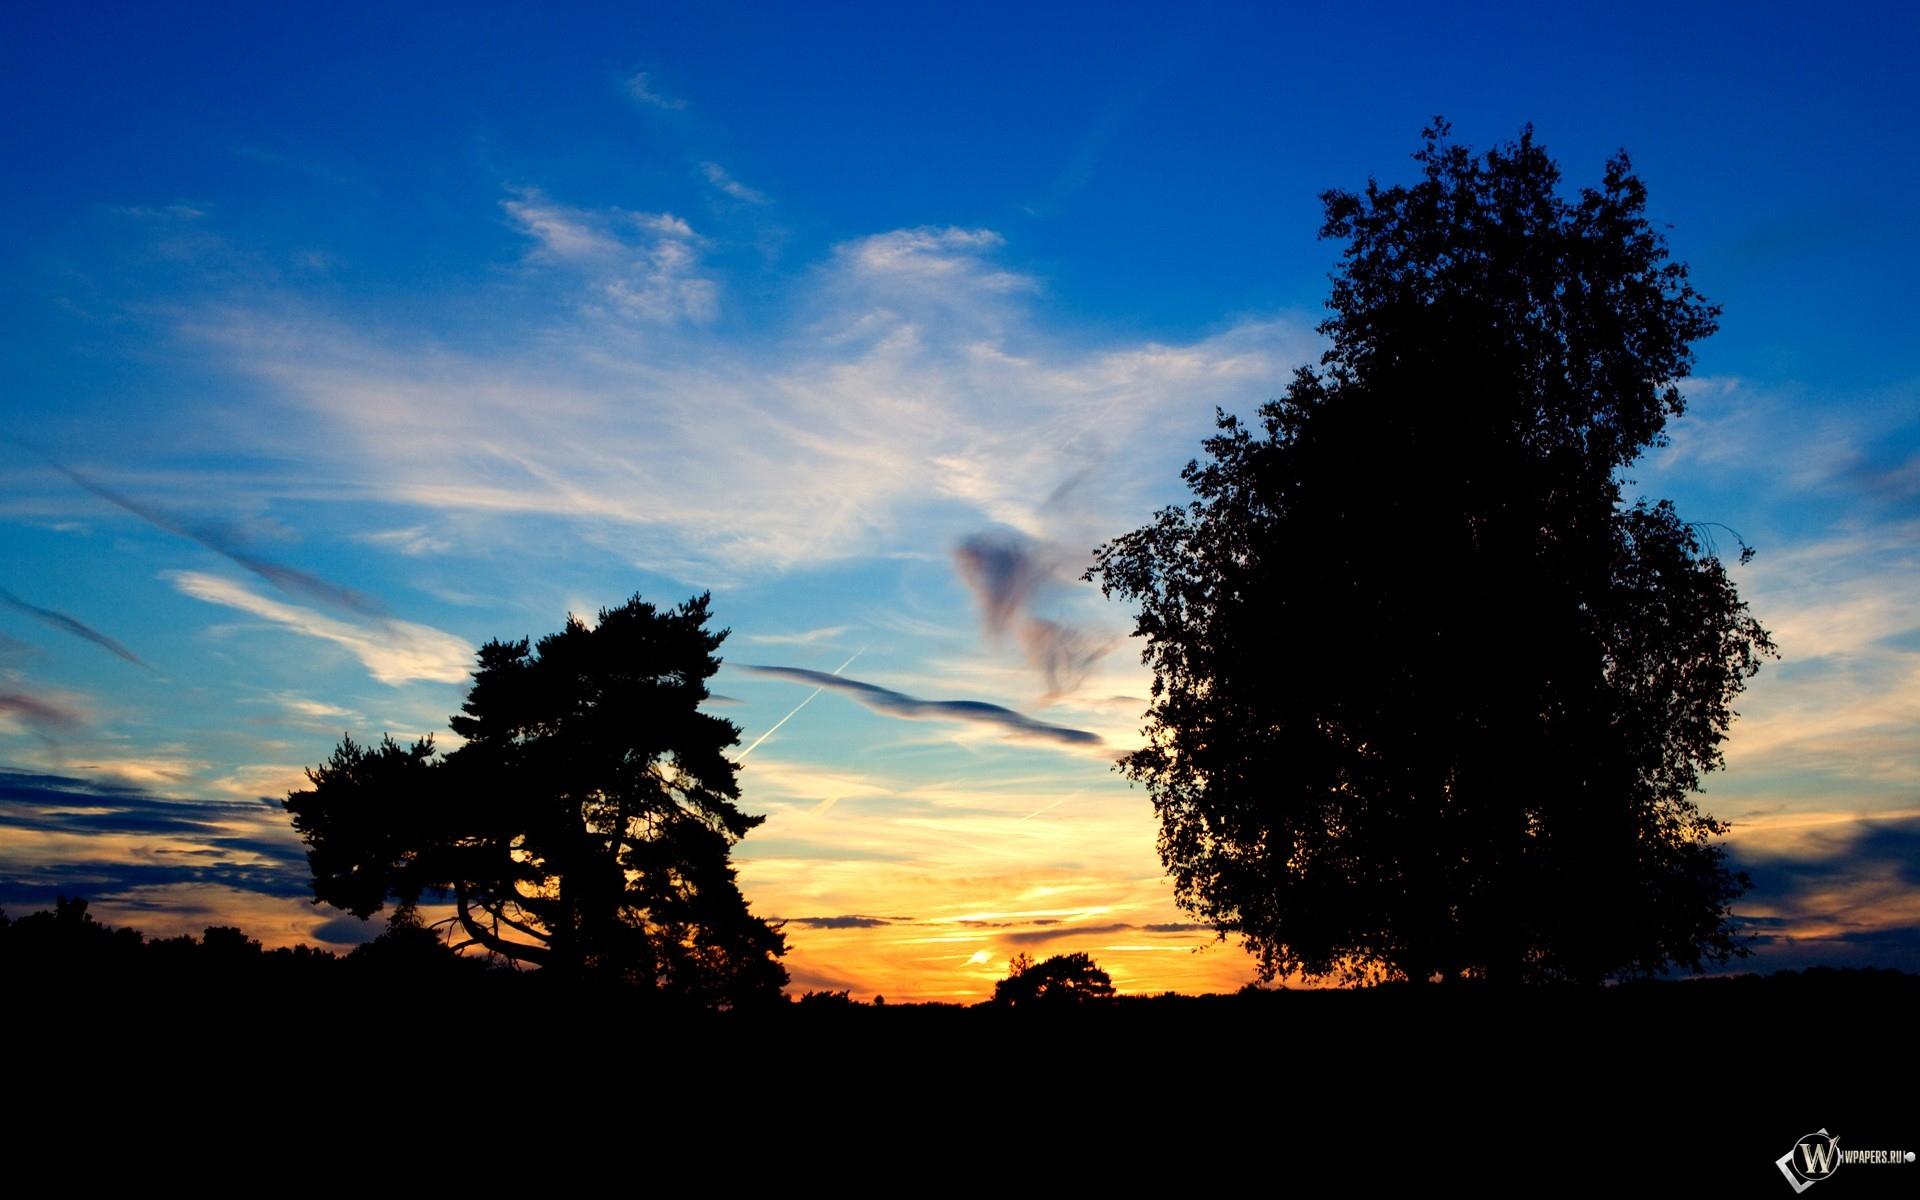 Облака за деревьями 1920x1200